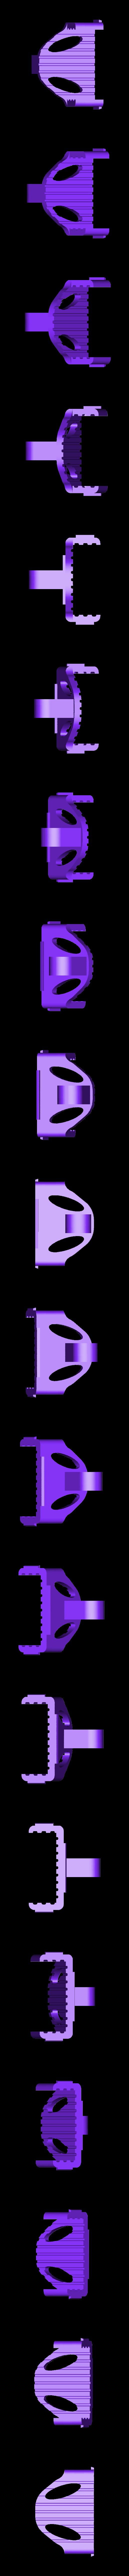 Bugs_Runcam_Mount.stl Télécharger fichier STL gratuit Bugs 3 - Montage sur Runcam mod. (convient probablement à Mobius et d'autres) • Design imprimable en 3D, Thomllama